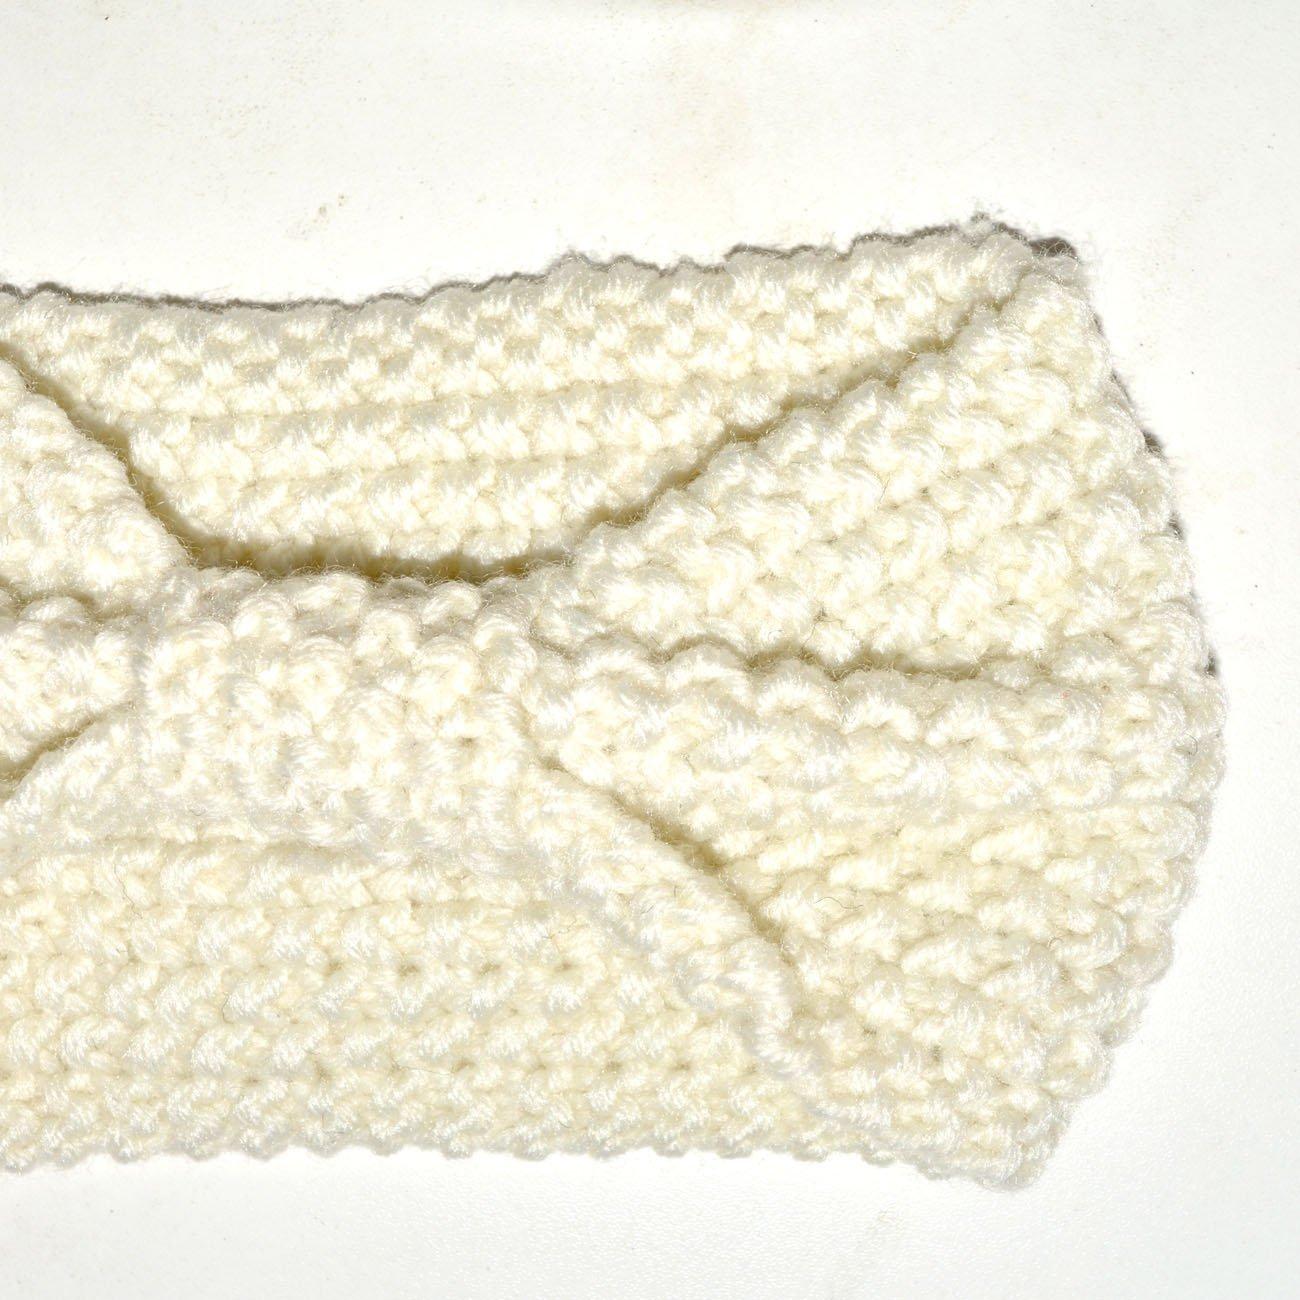 DRESHOW 4 St/ück Damen Gestrickt Stirnband Winter Kopfband Haarband Stirnband H/äkelarbeit Ohr W/ärmer